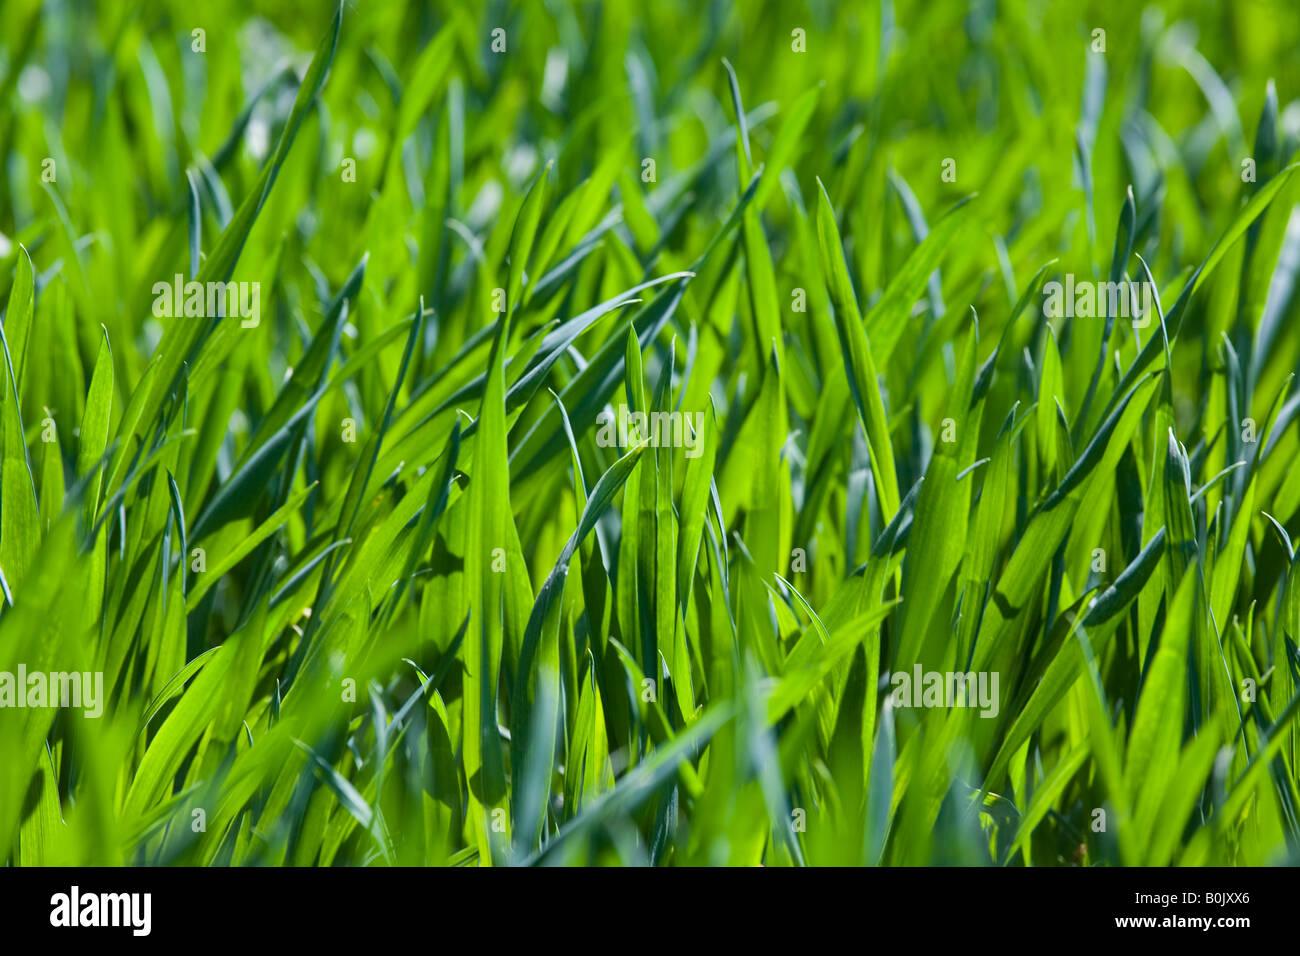 Las nuevas cuchillas de hierba verde fresca Imagen De Stock